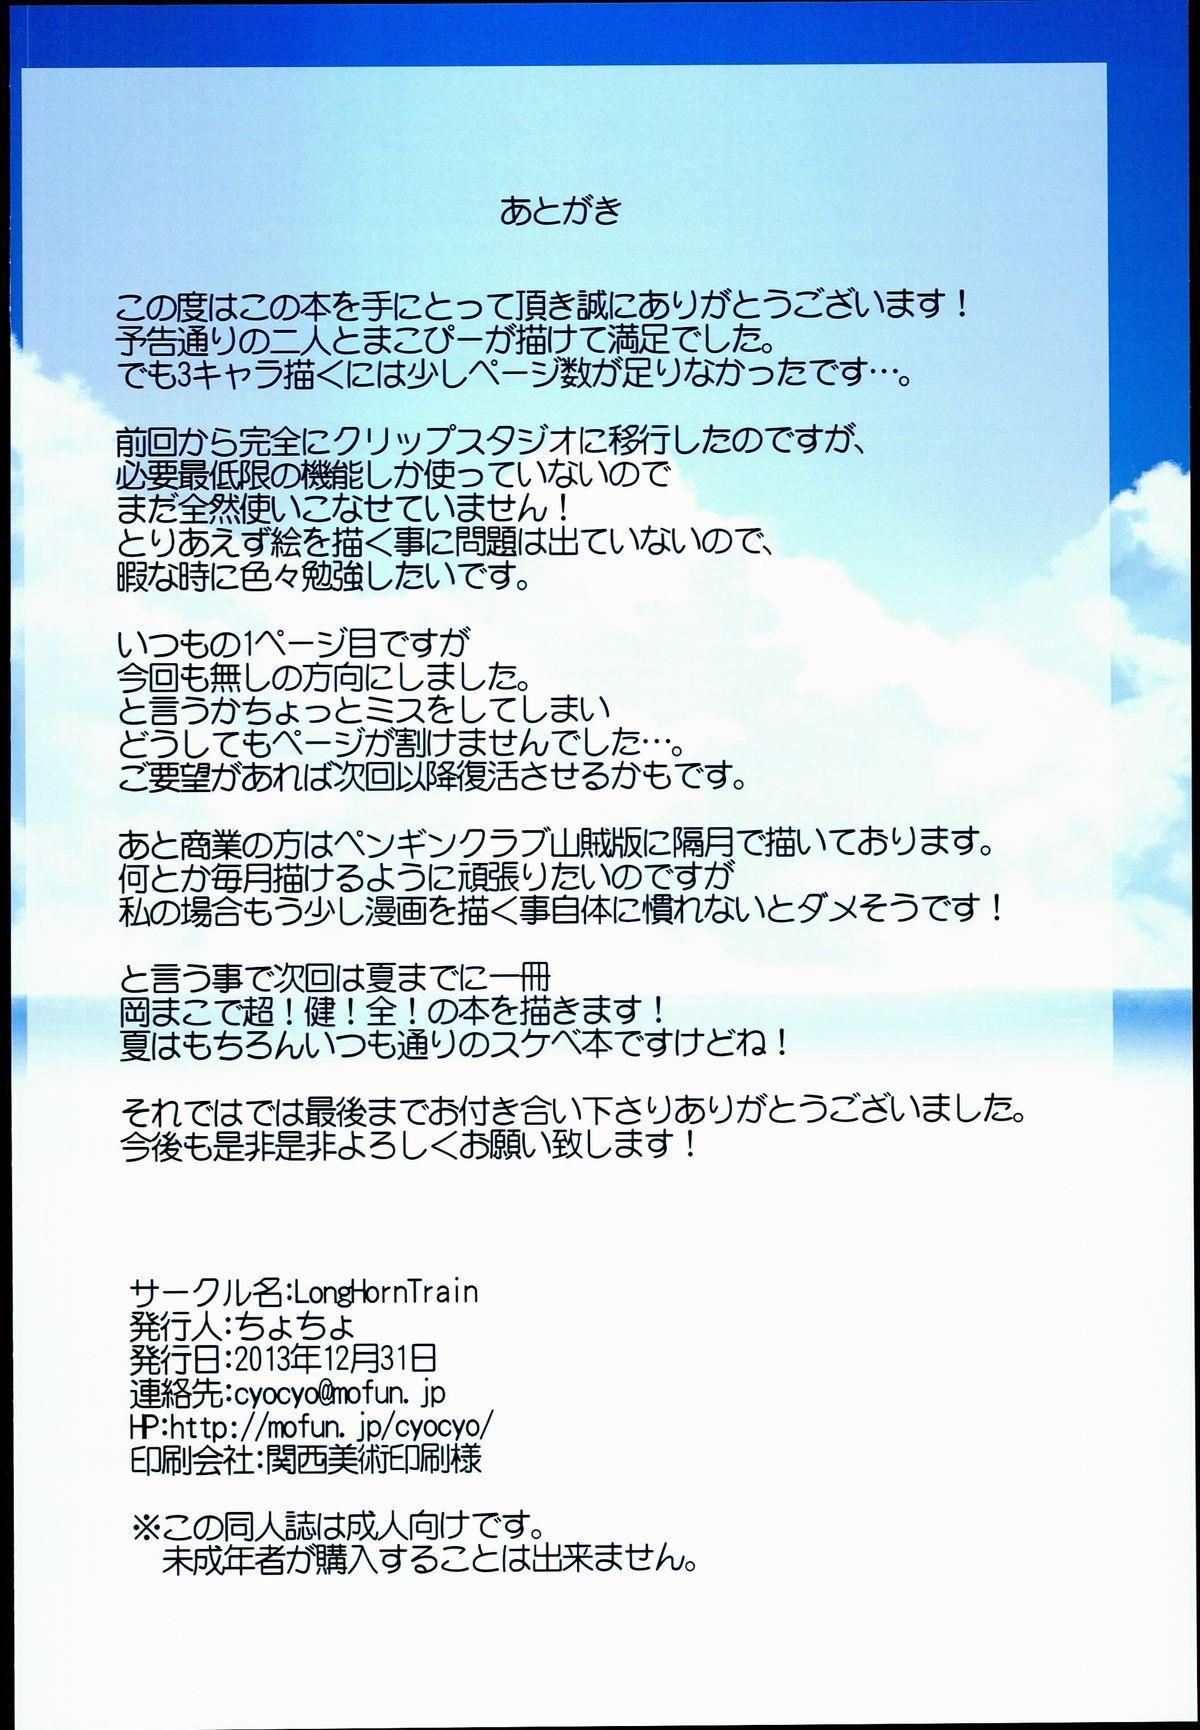 Hirameke! Megami no Love Kiss Wand 25